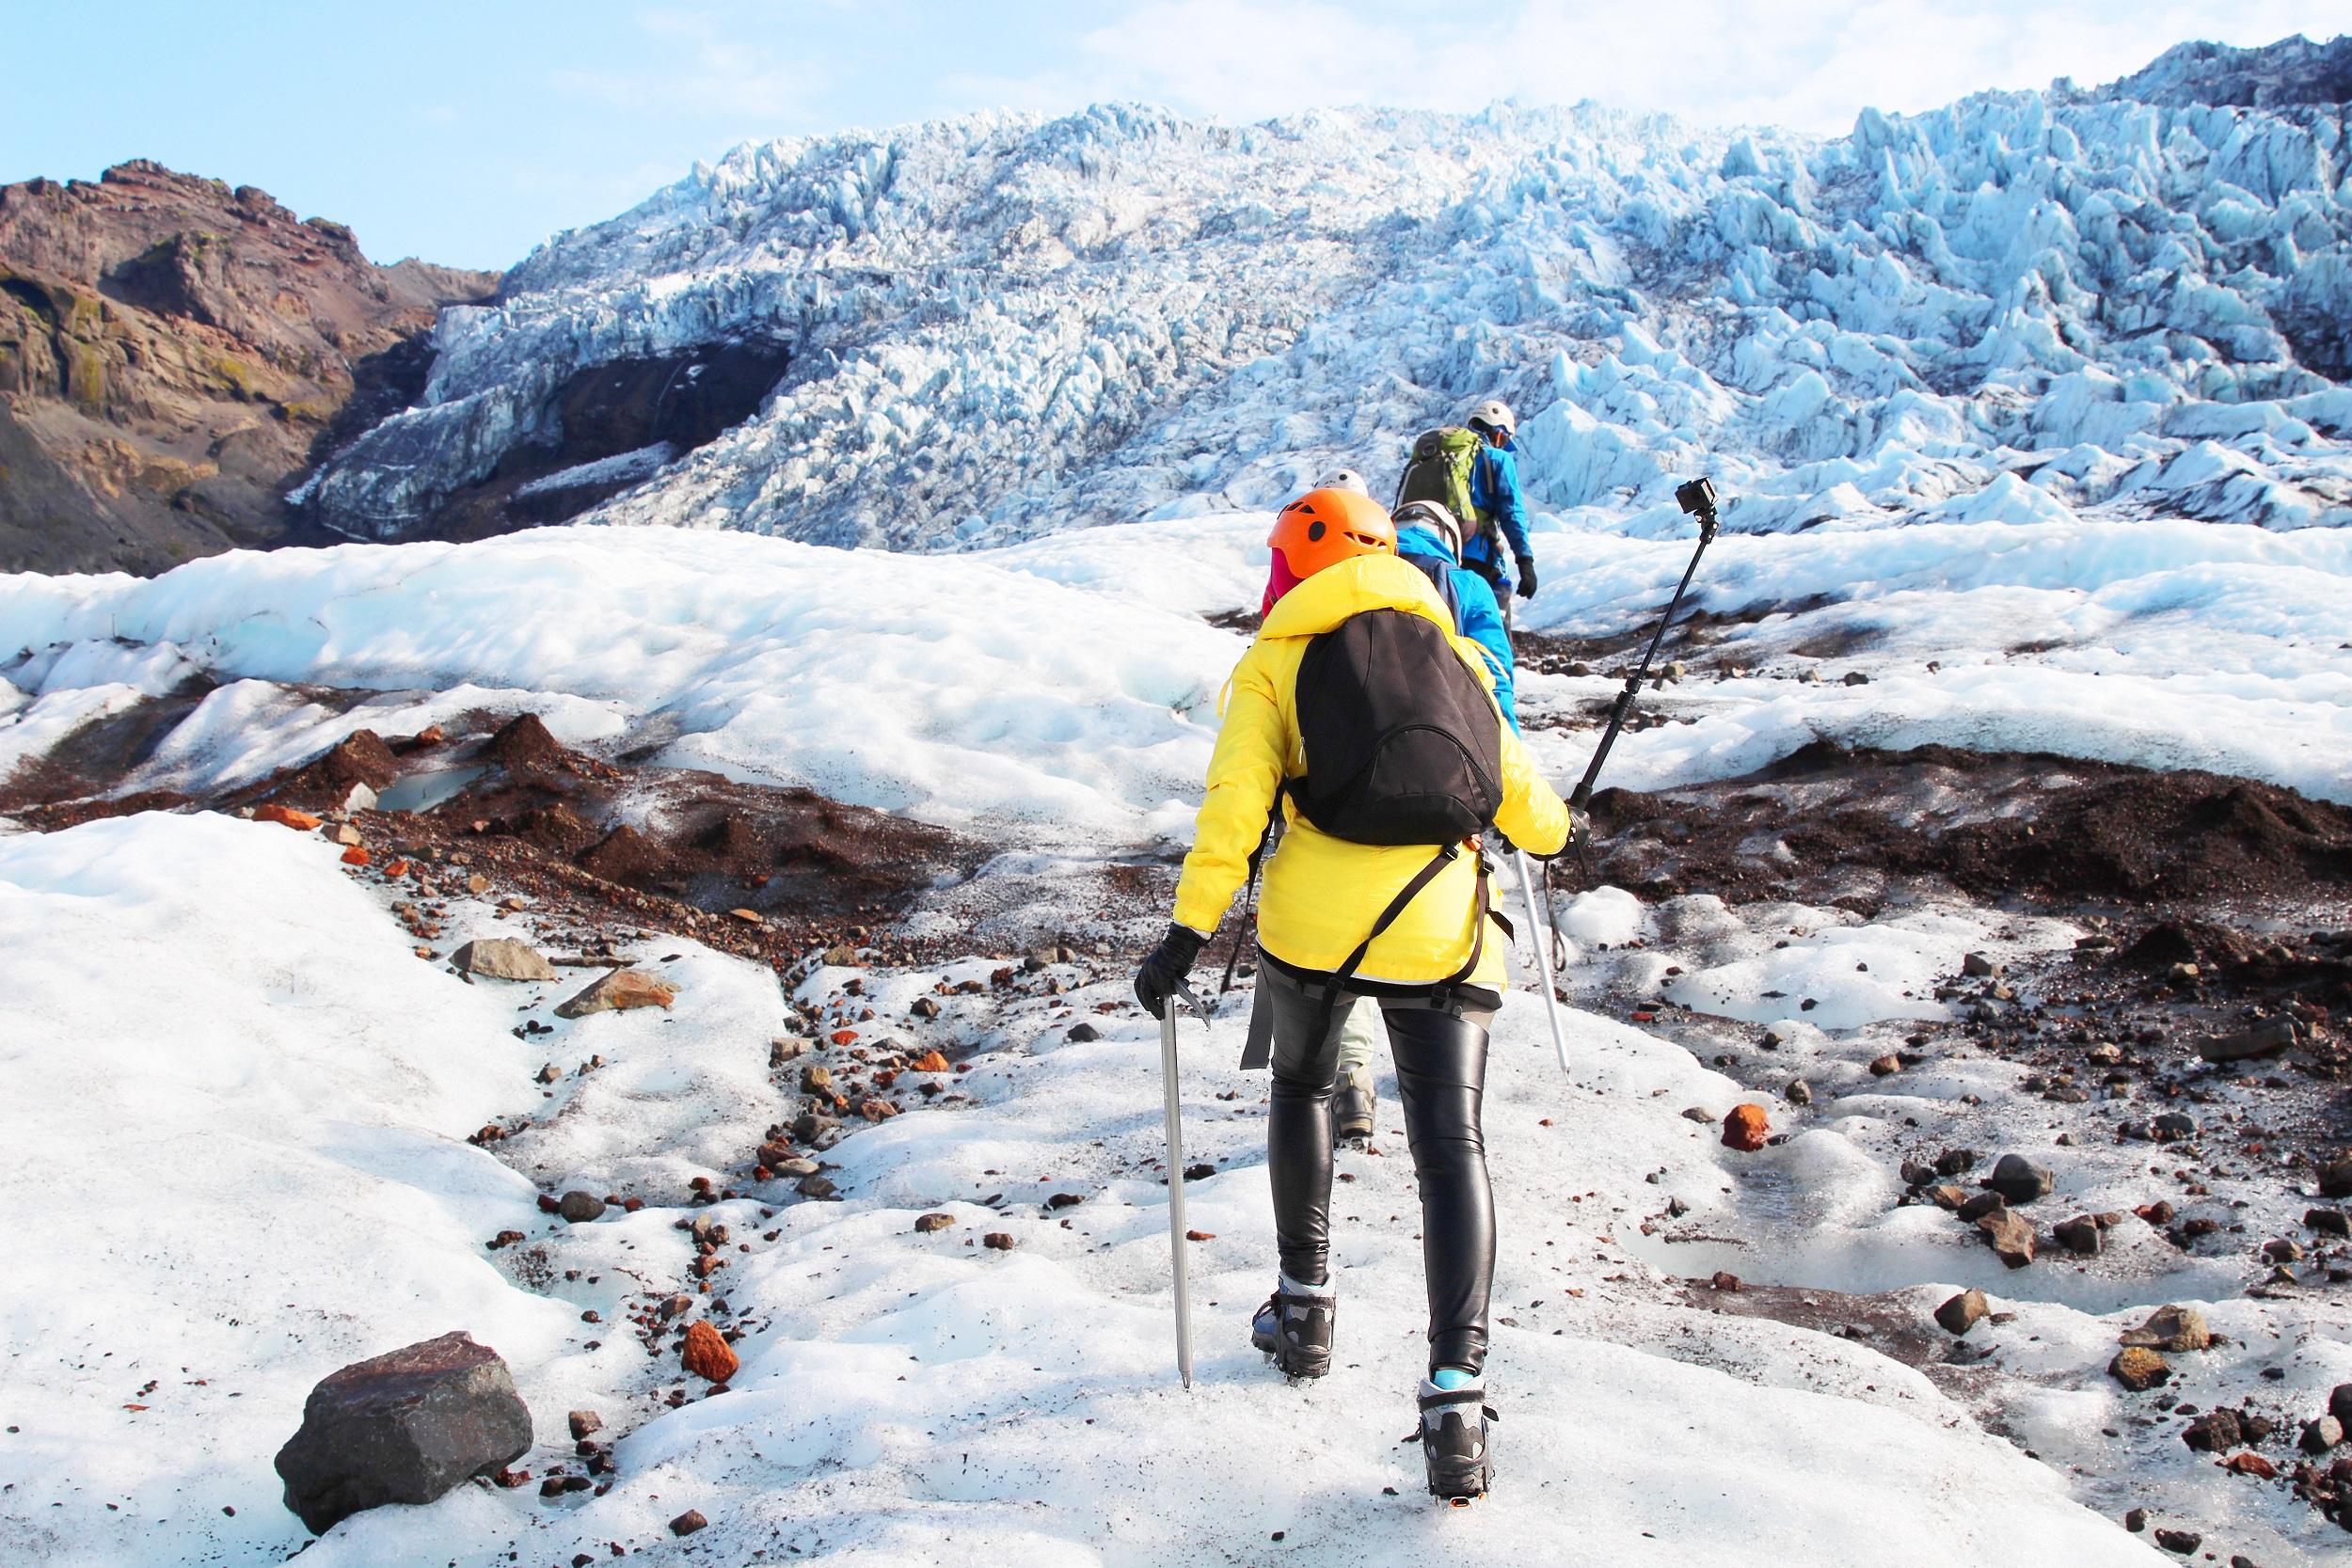 ソゥルヘイマヨークトル氷河は南海岸の人気の氷河ハイキングスポット